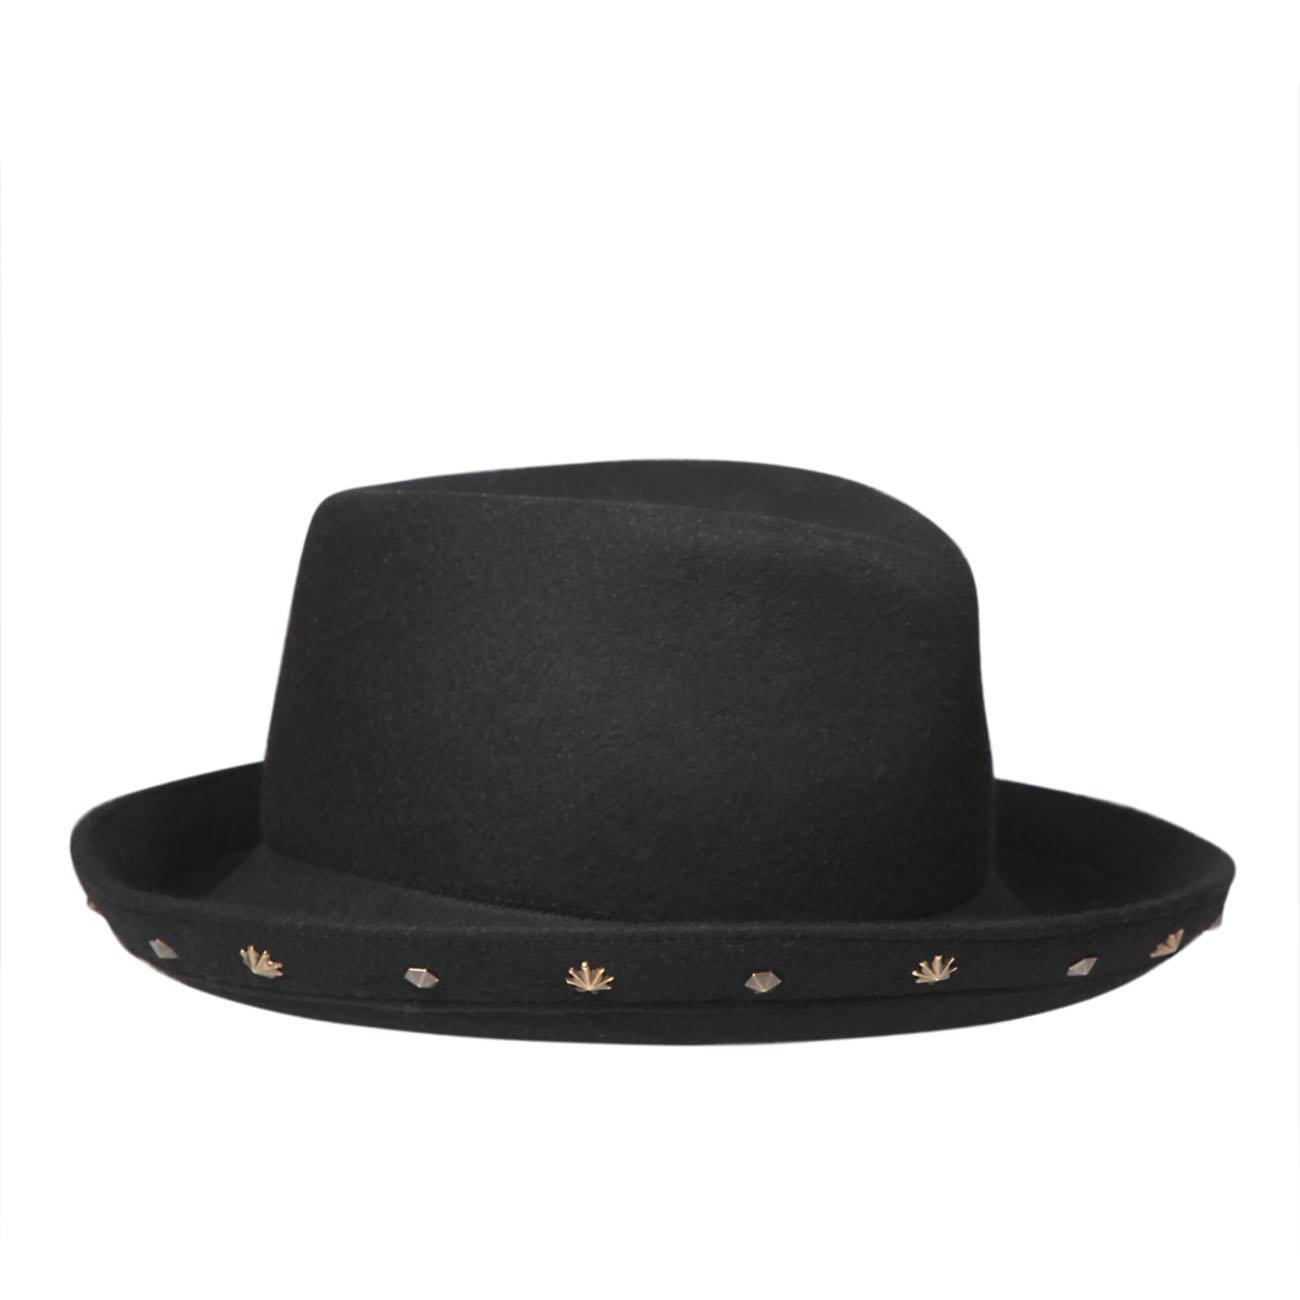 Eric Javits Luxury Fashion Designer Women's Headwear Hat - Ellyn - Black